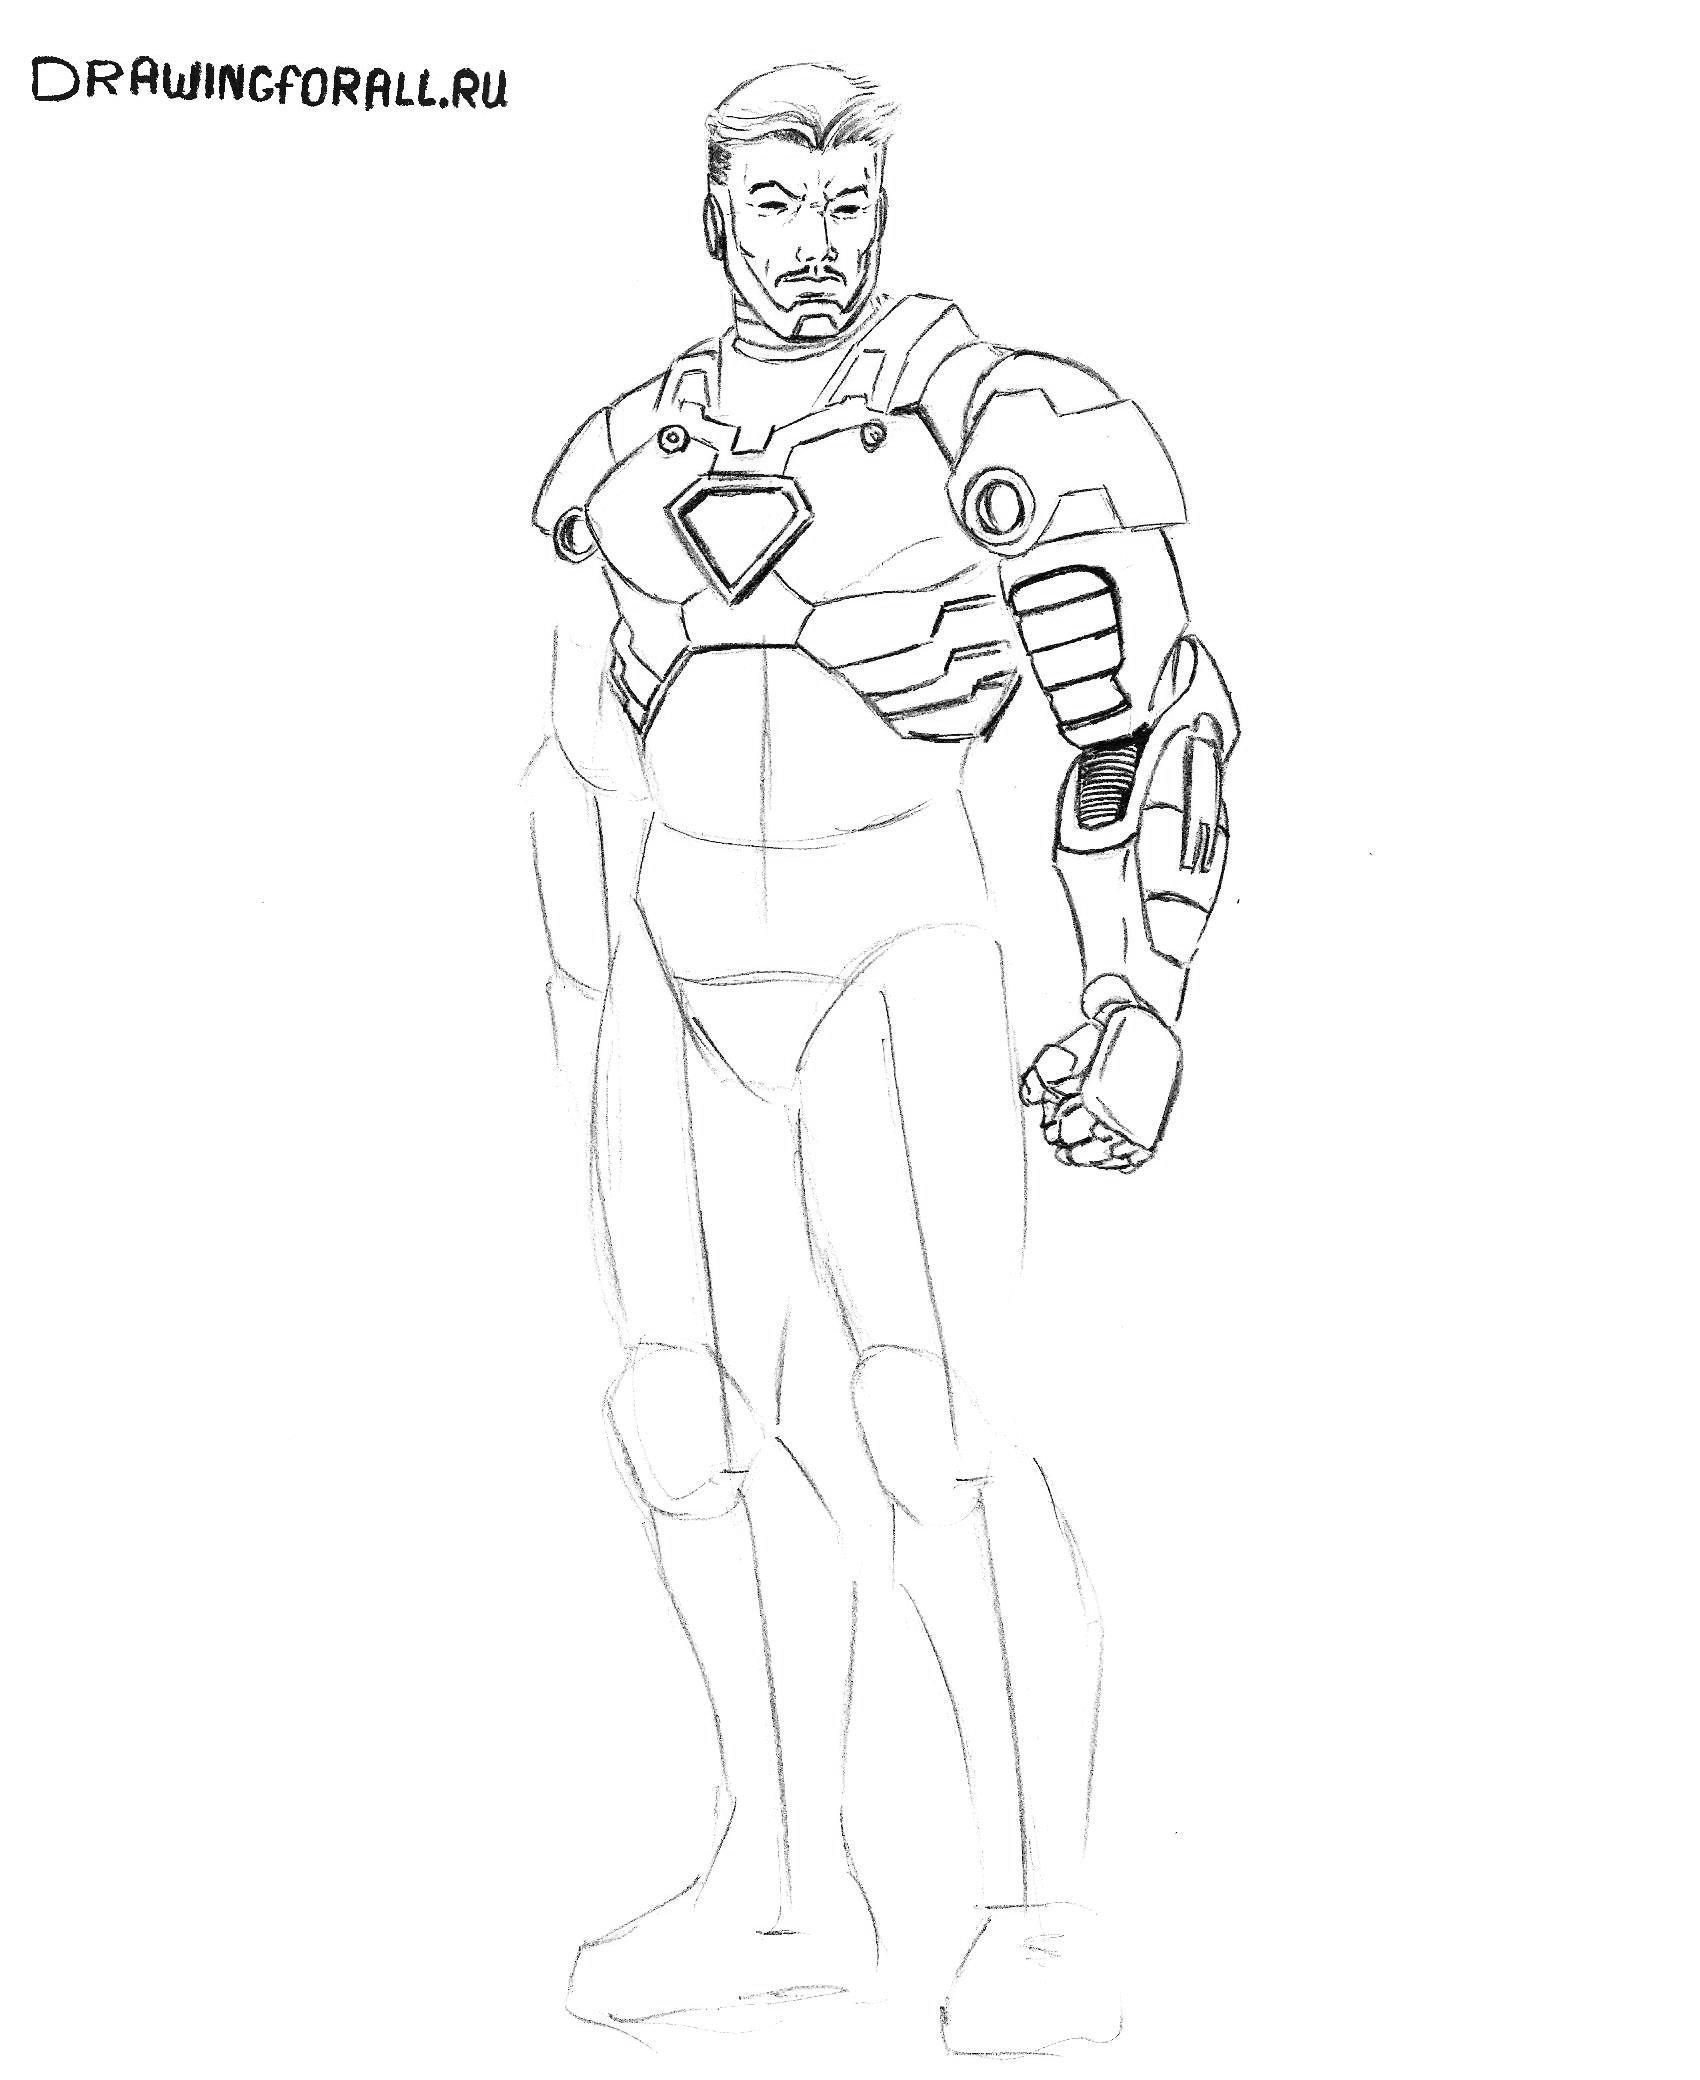 Как нарисовать Железного Человека поэтапно карандашом